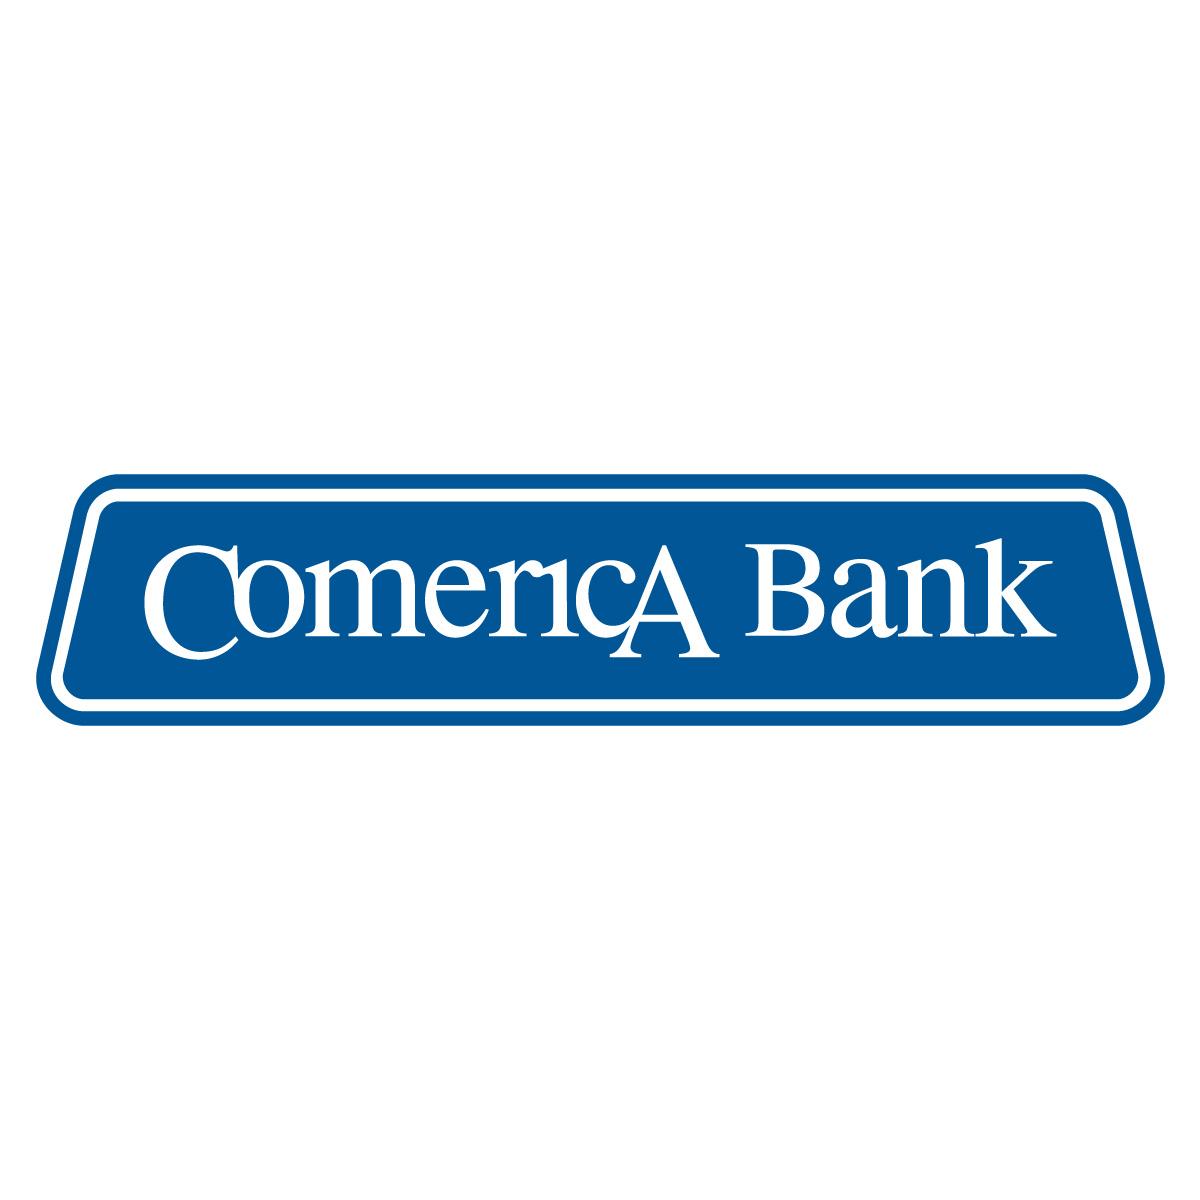 Comerica Bank Logo Blue.jpg